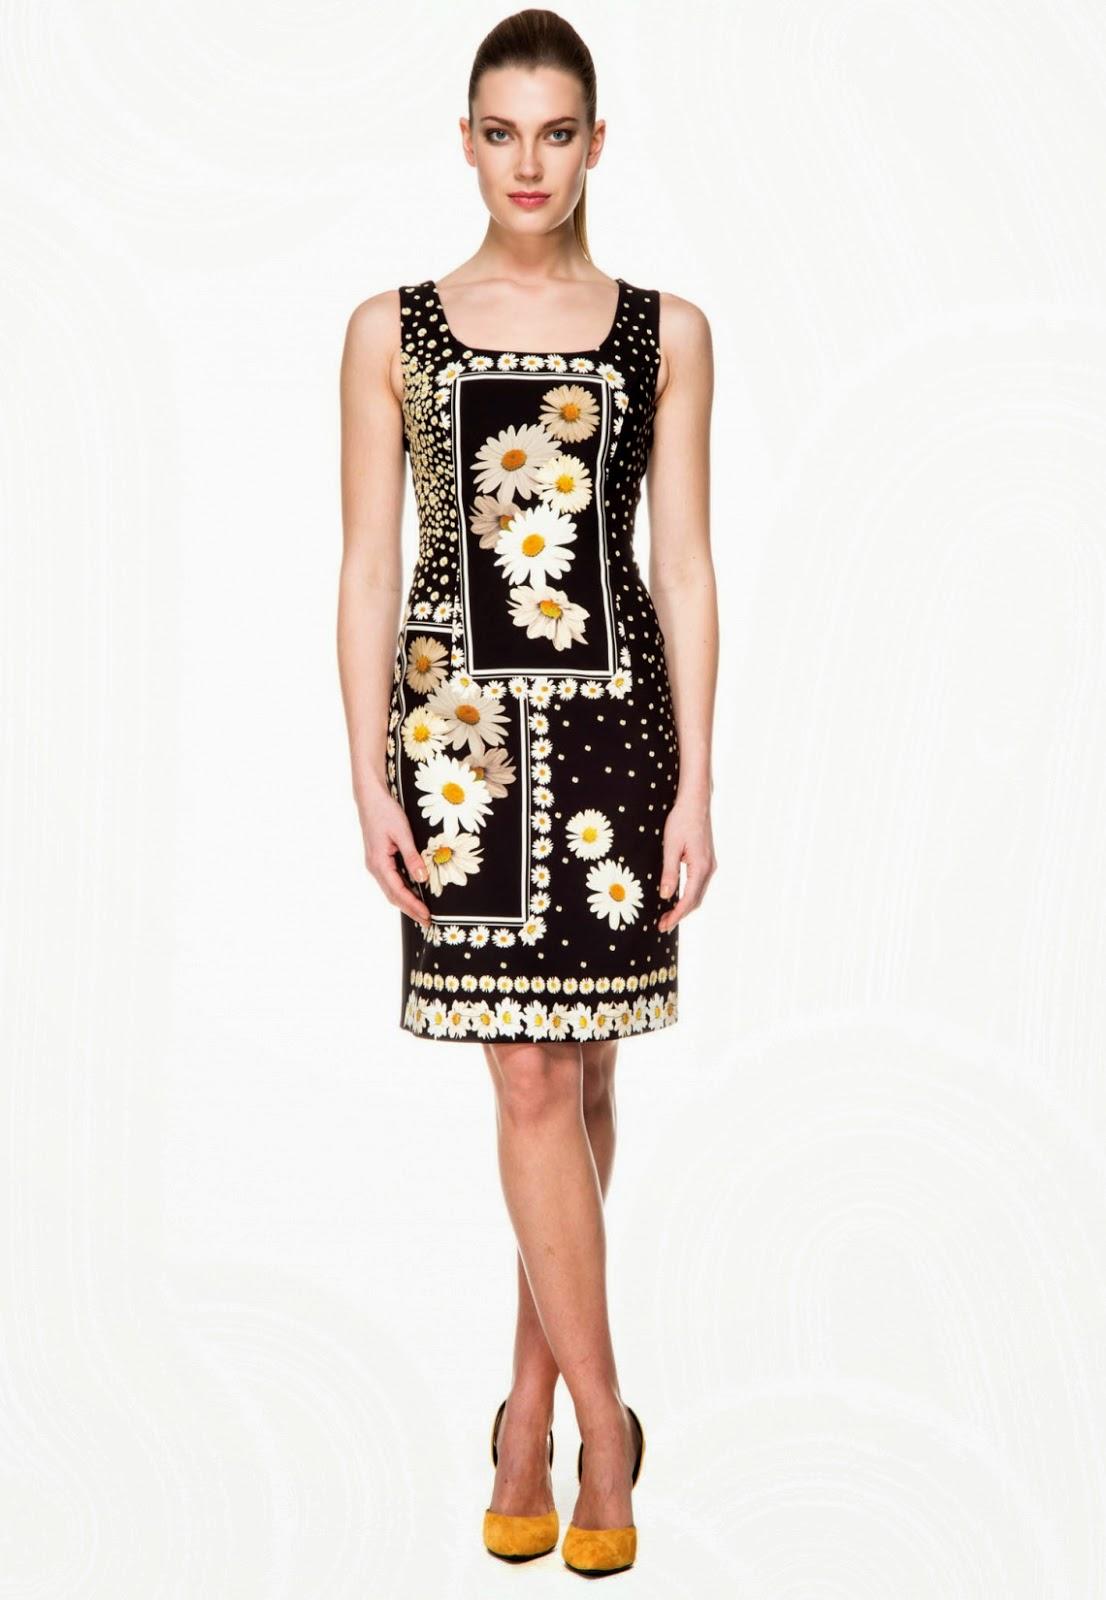 7c1d55a58019e Adil Işık markası 2014 yaz sezonuna renk renk, biçim biçim elbiselerle  hızlı ve renkli bir giriş yapıyor. Bu yazıyı Adil Işık 2014 elbise  modelleri hakkında ...